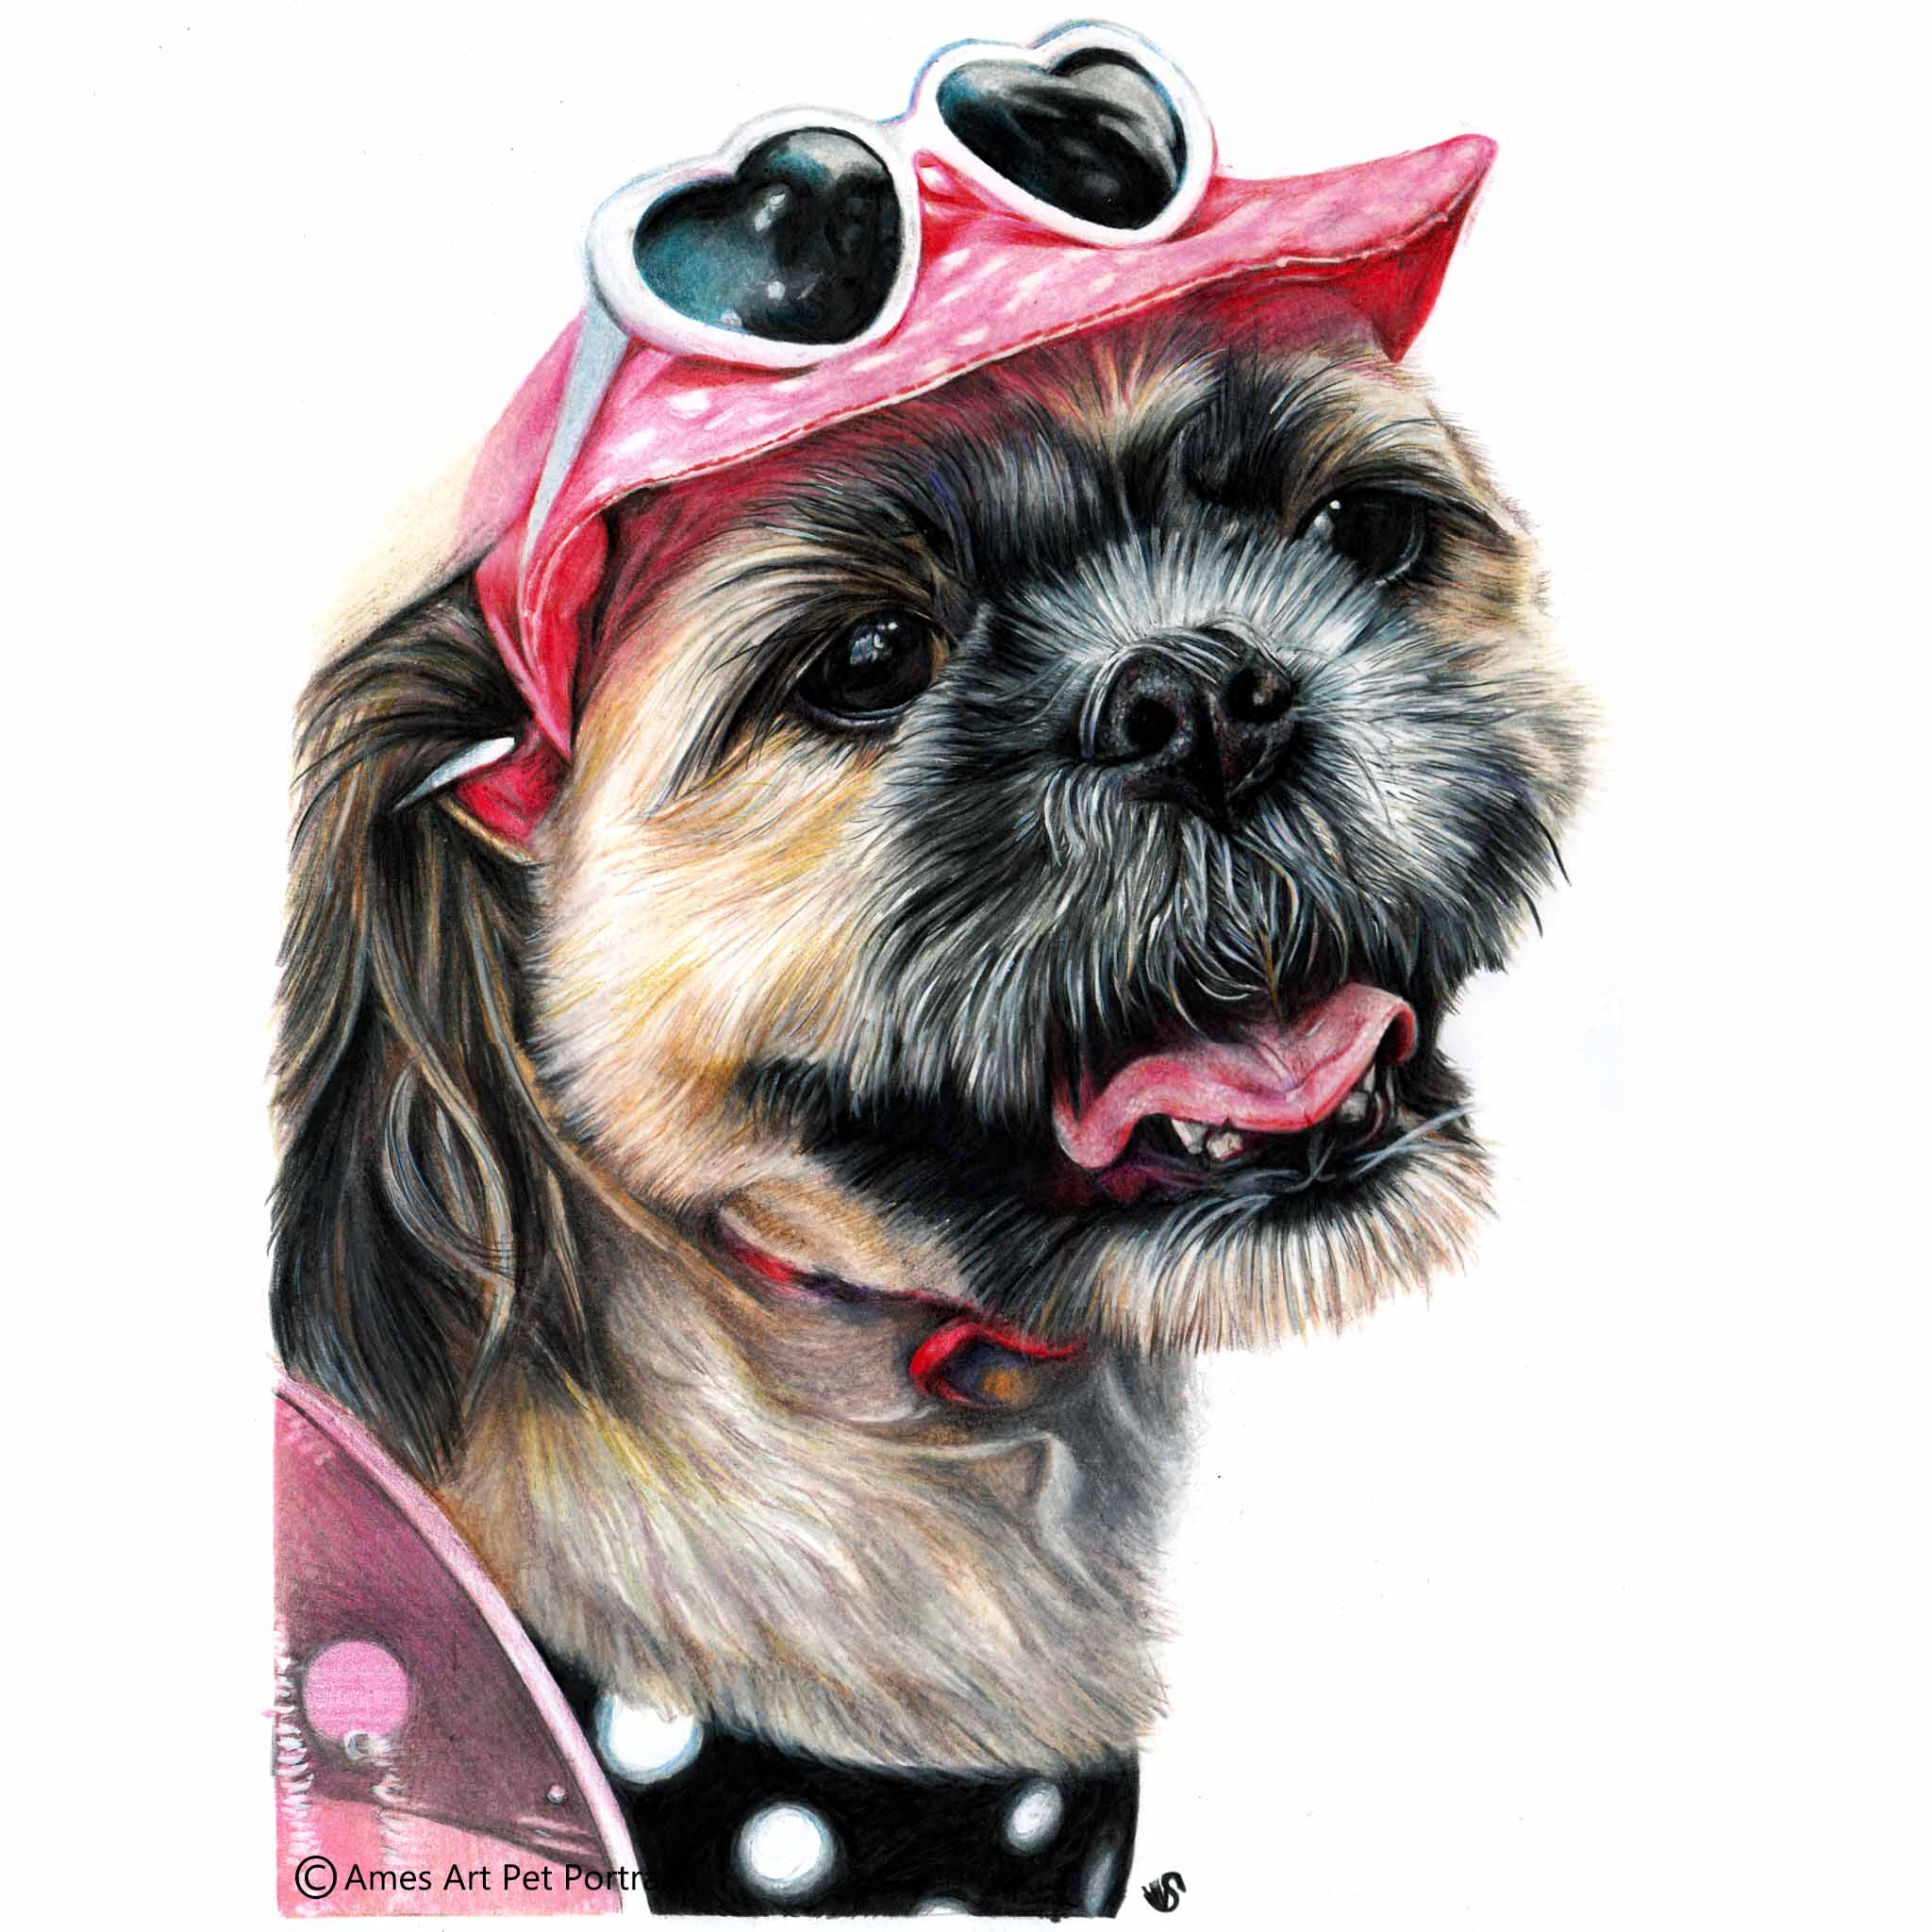 'Mia' - AUS, 11.7 x 16.5 inches, 2017, Colour Pencil Dog Portrait